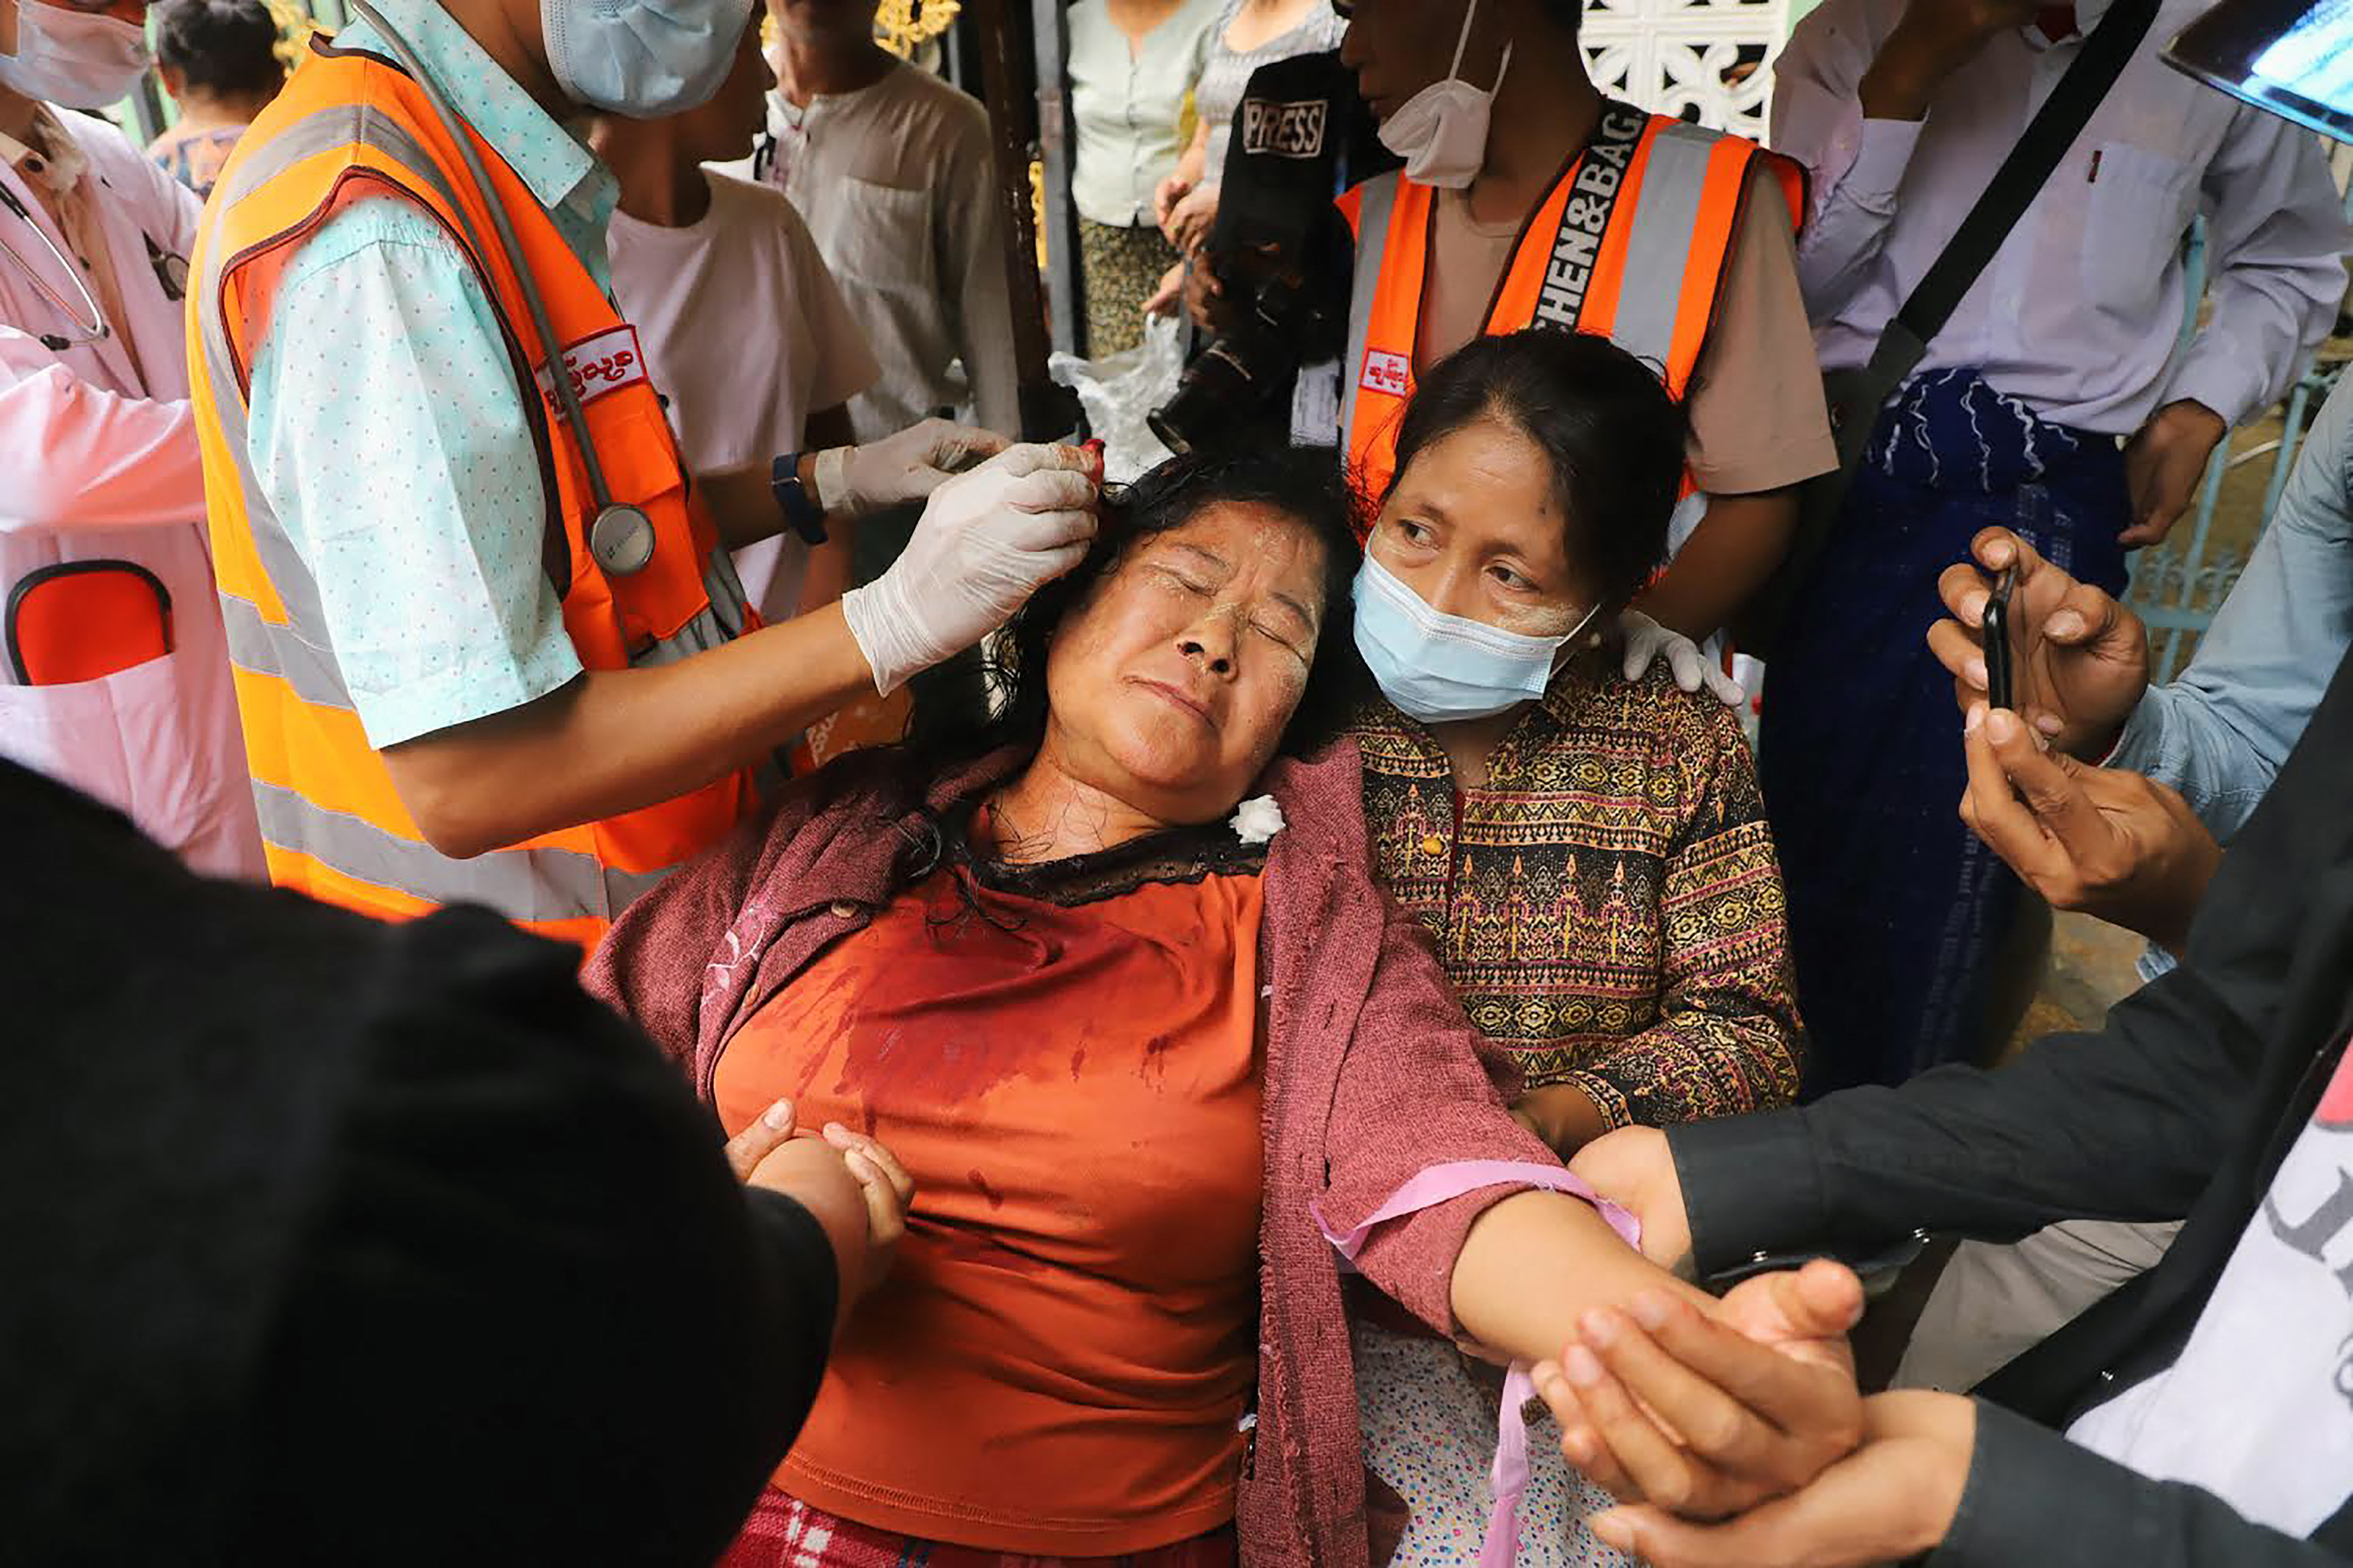 Tüzet nyitottak a mianmari rendőrök a tüntetőkre